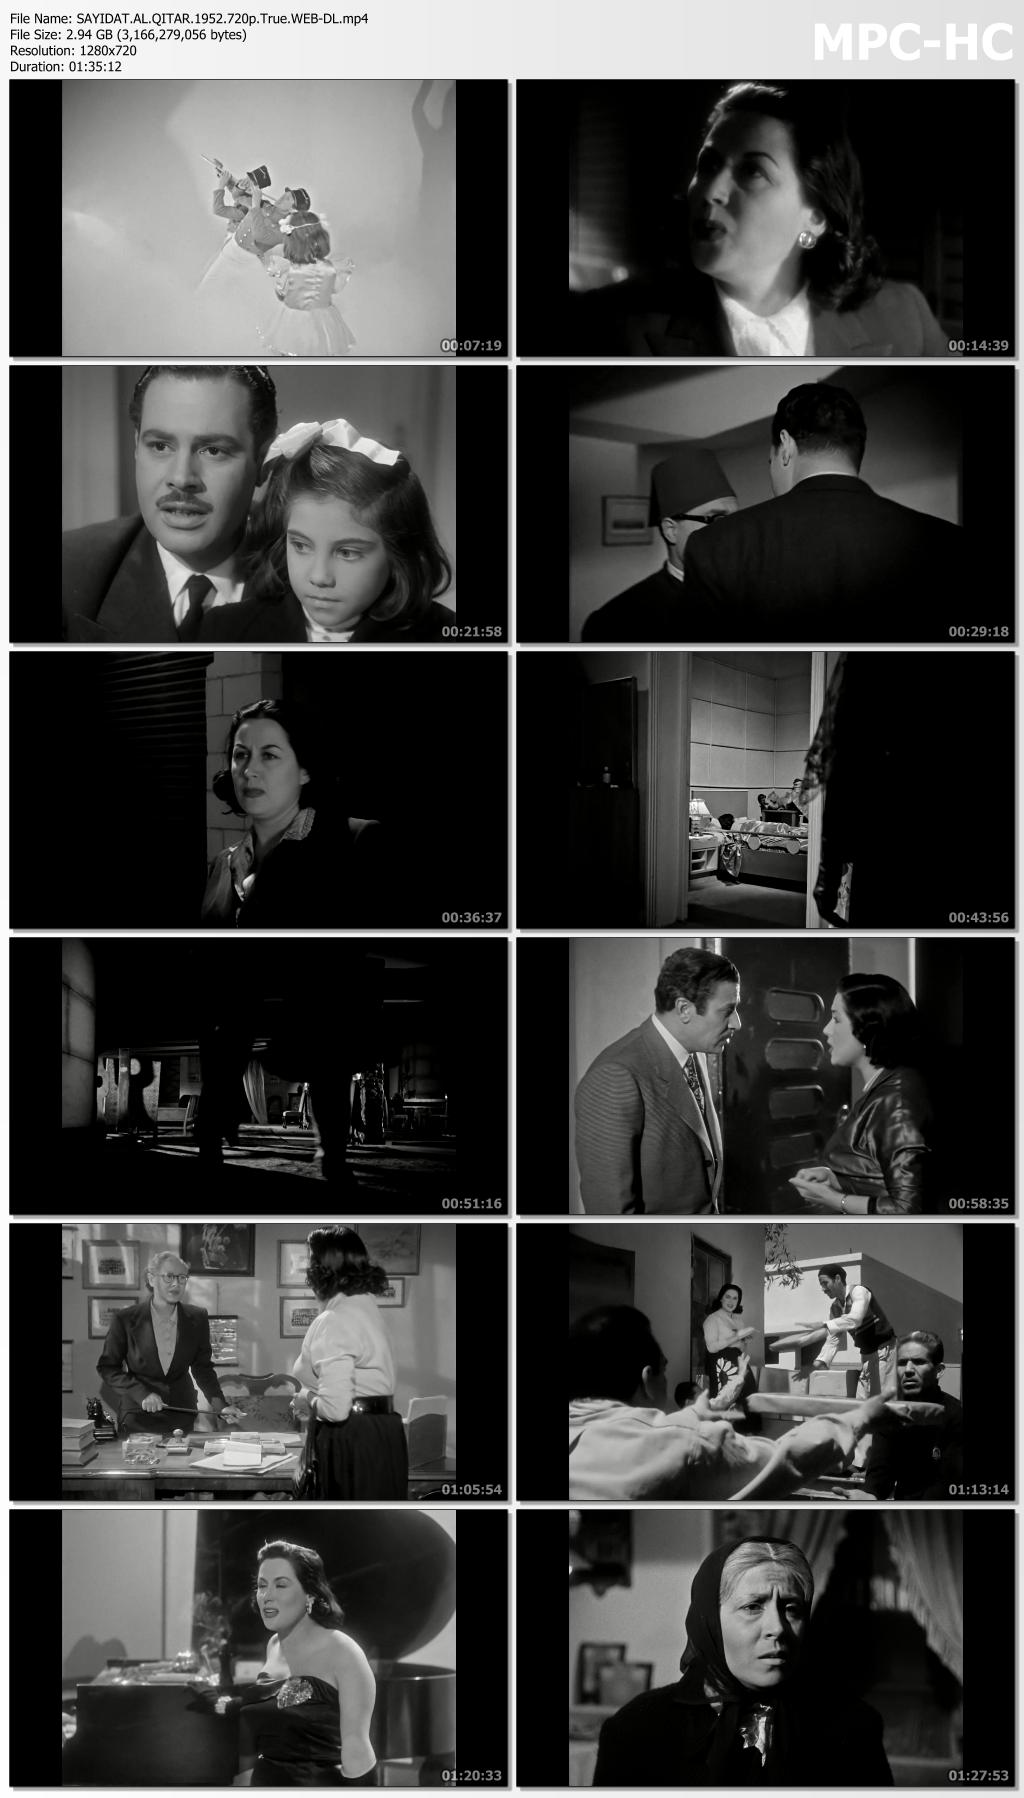 [فيلم][تورنت][تحميل][سيدة القطار][1952][720p][Web-DL] 4 arabp2p.com